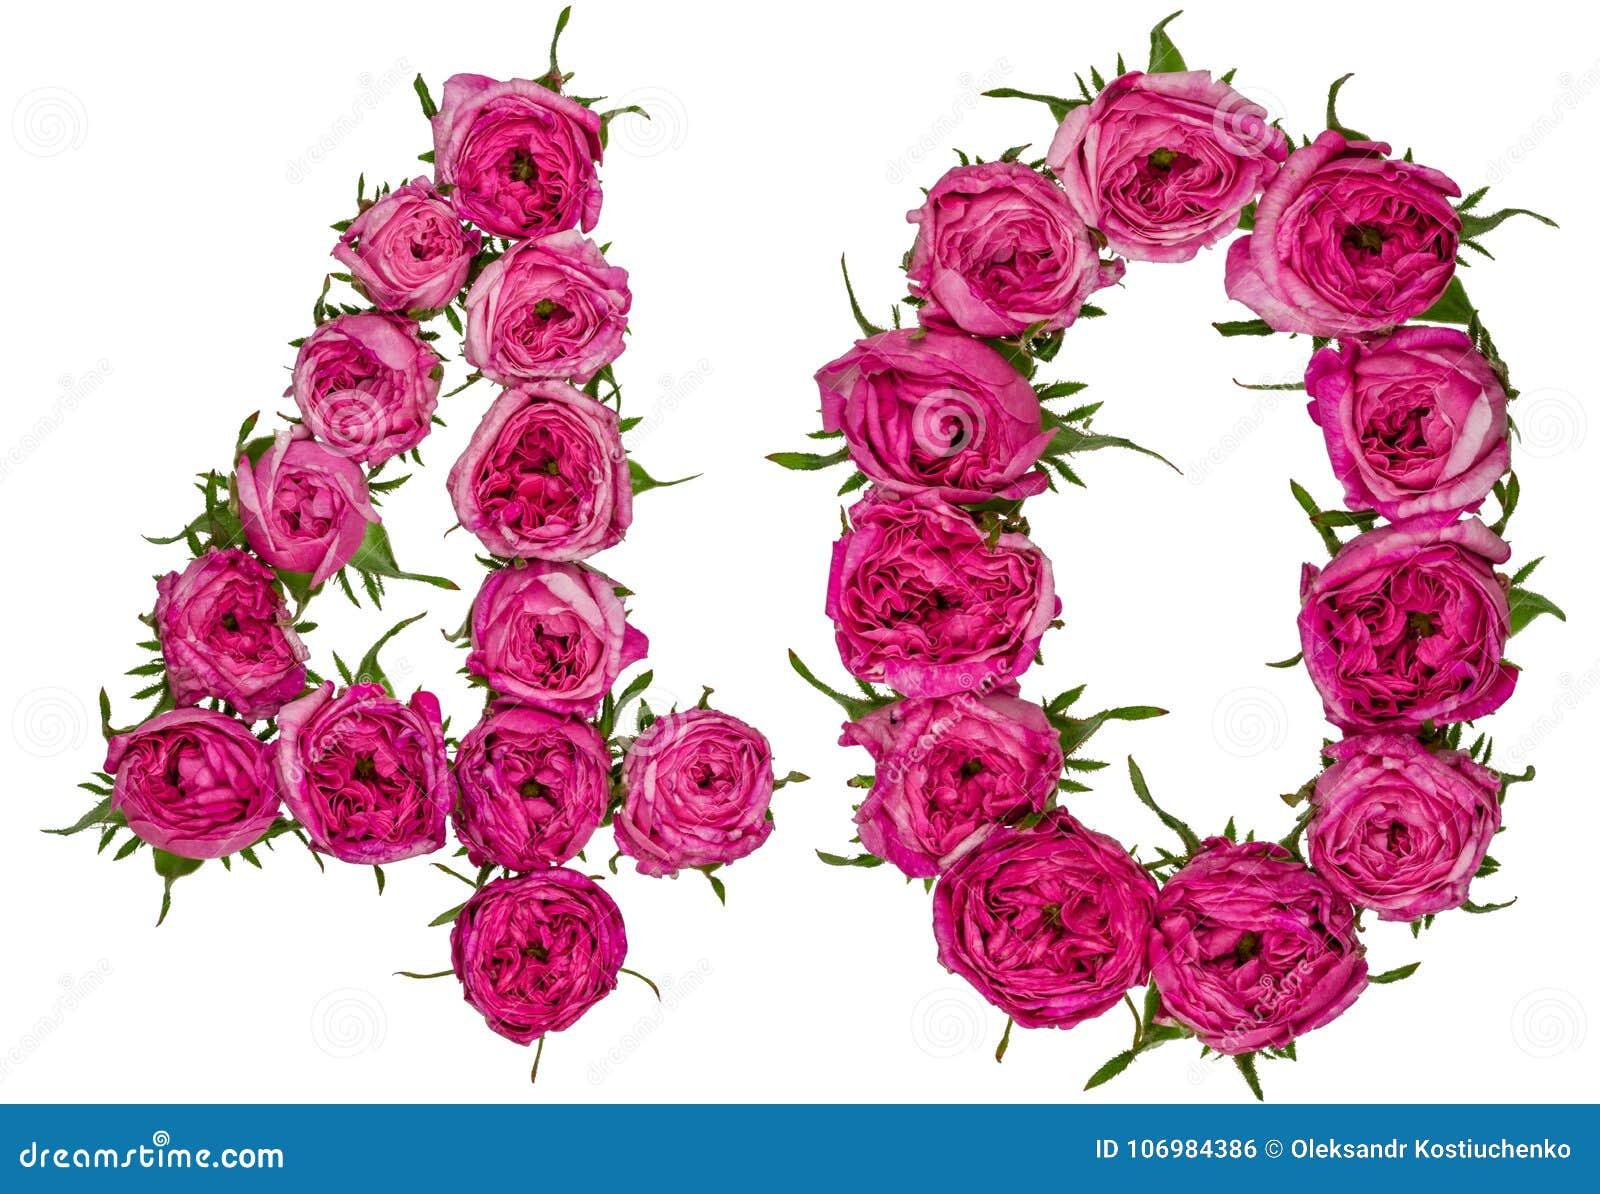 Arabski liczebnik 40, czterdzieści, od czerwonych kwiatów wzrastał, odizolowywa dalej